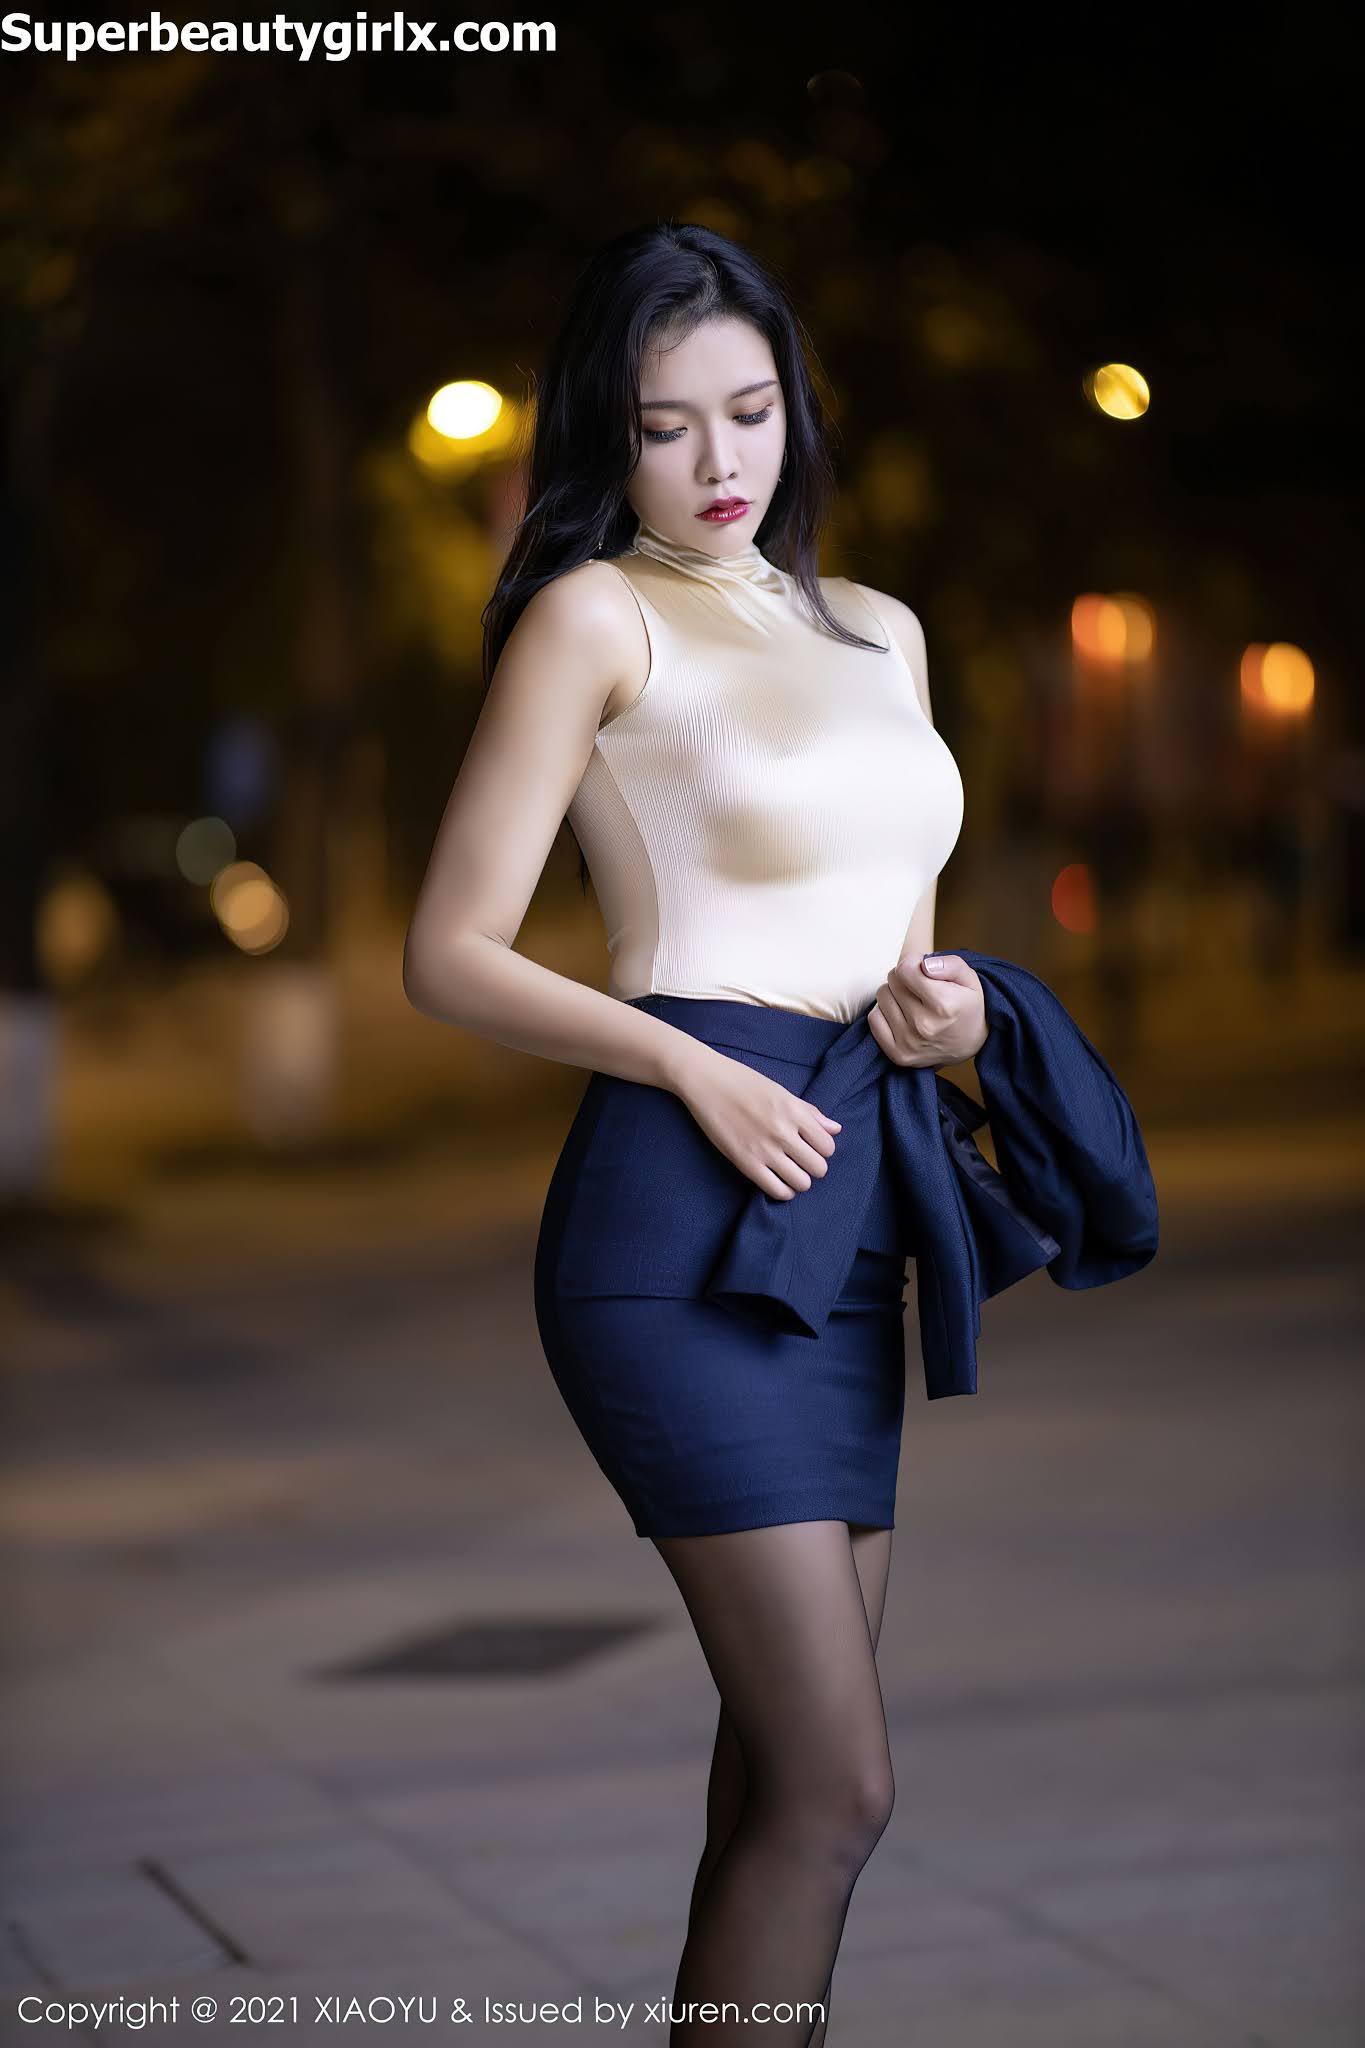 XiaoYu-Vol.481-Na-Bi-Superbeautygirlx.com